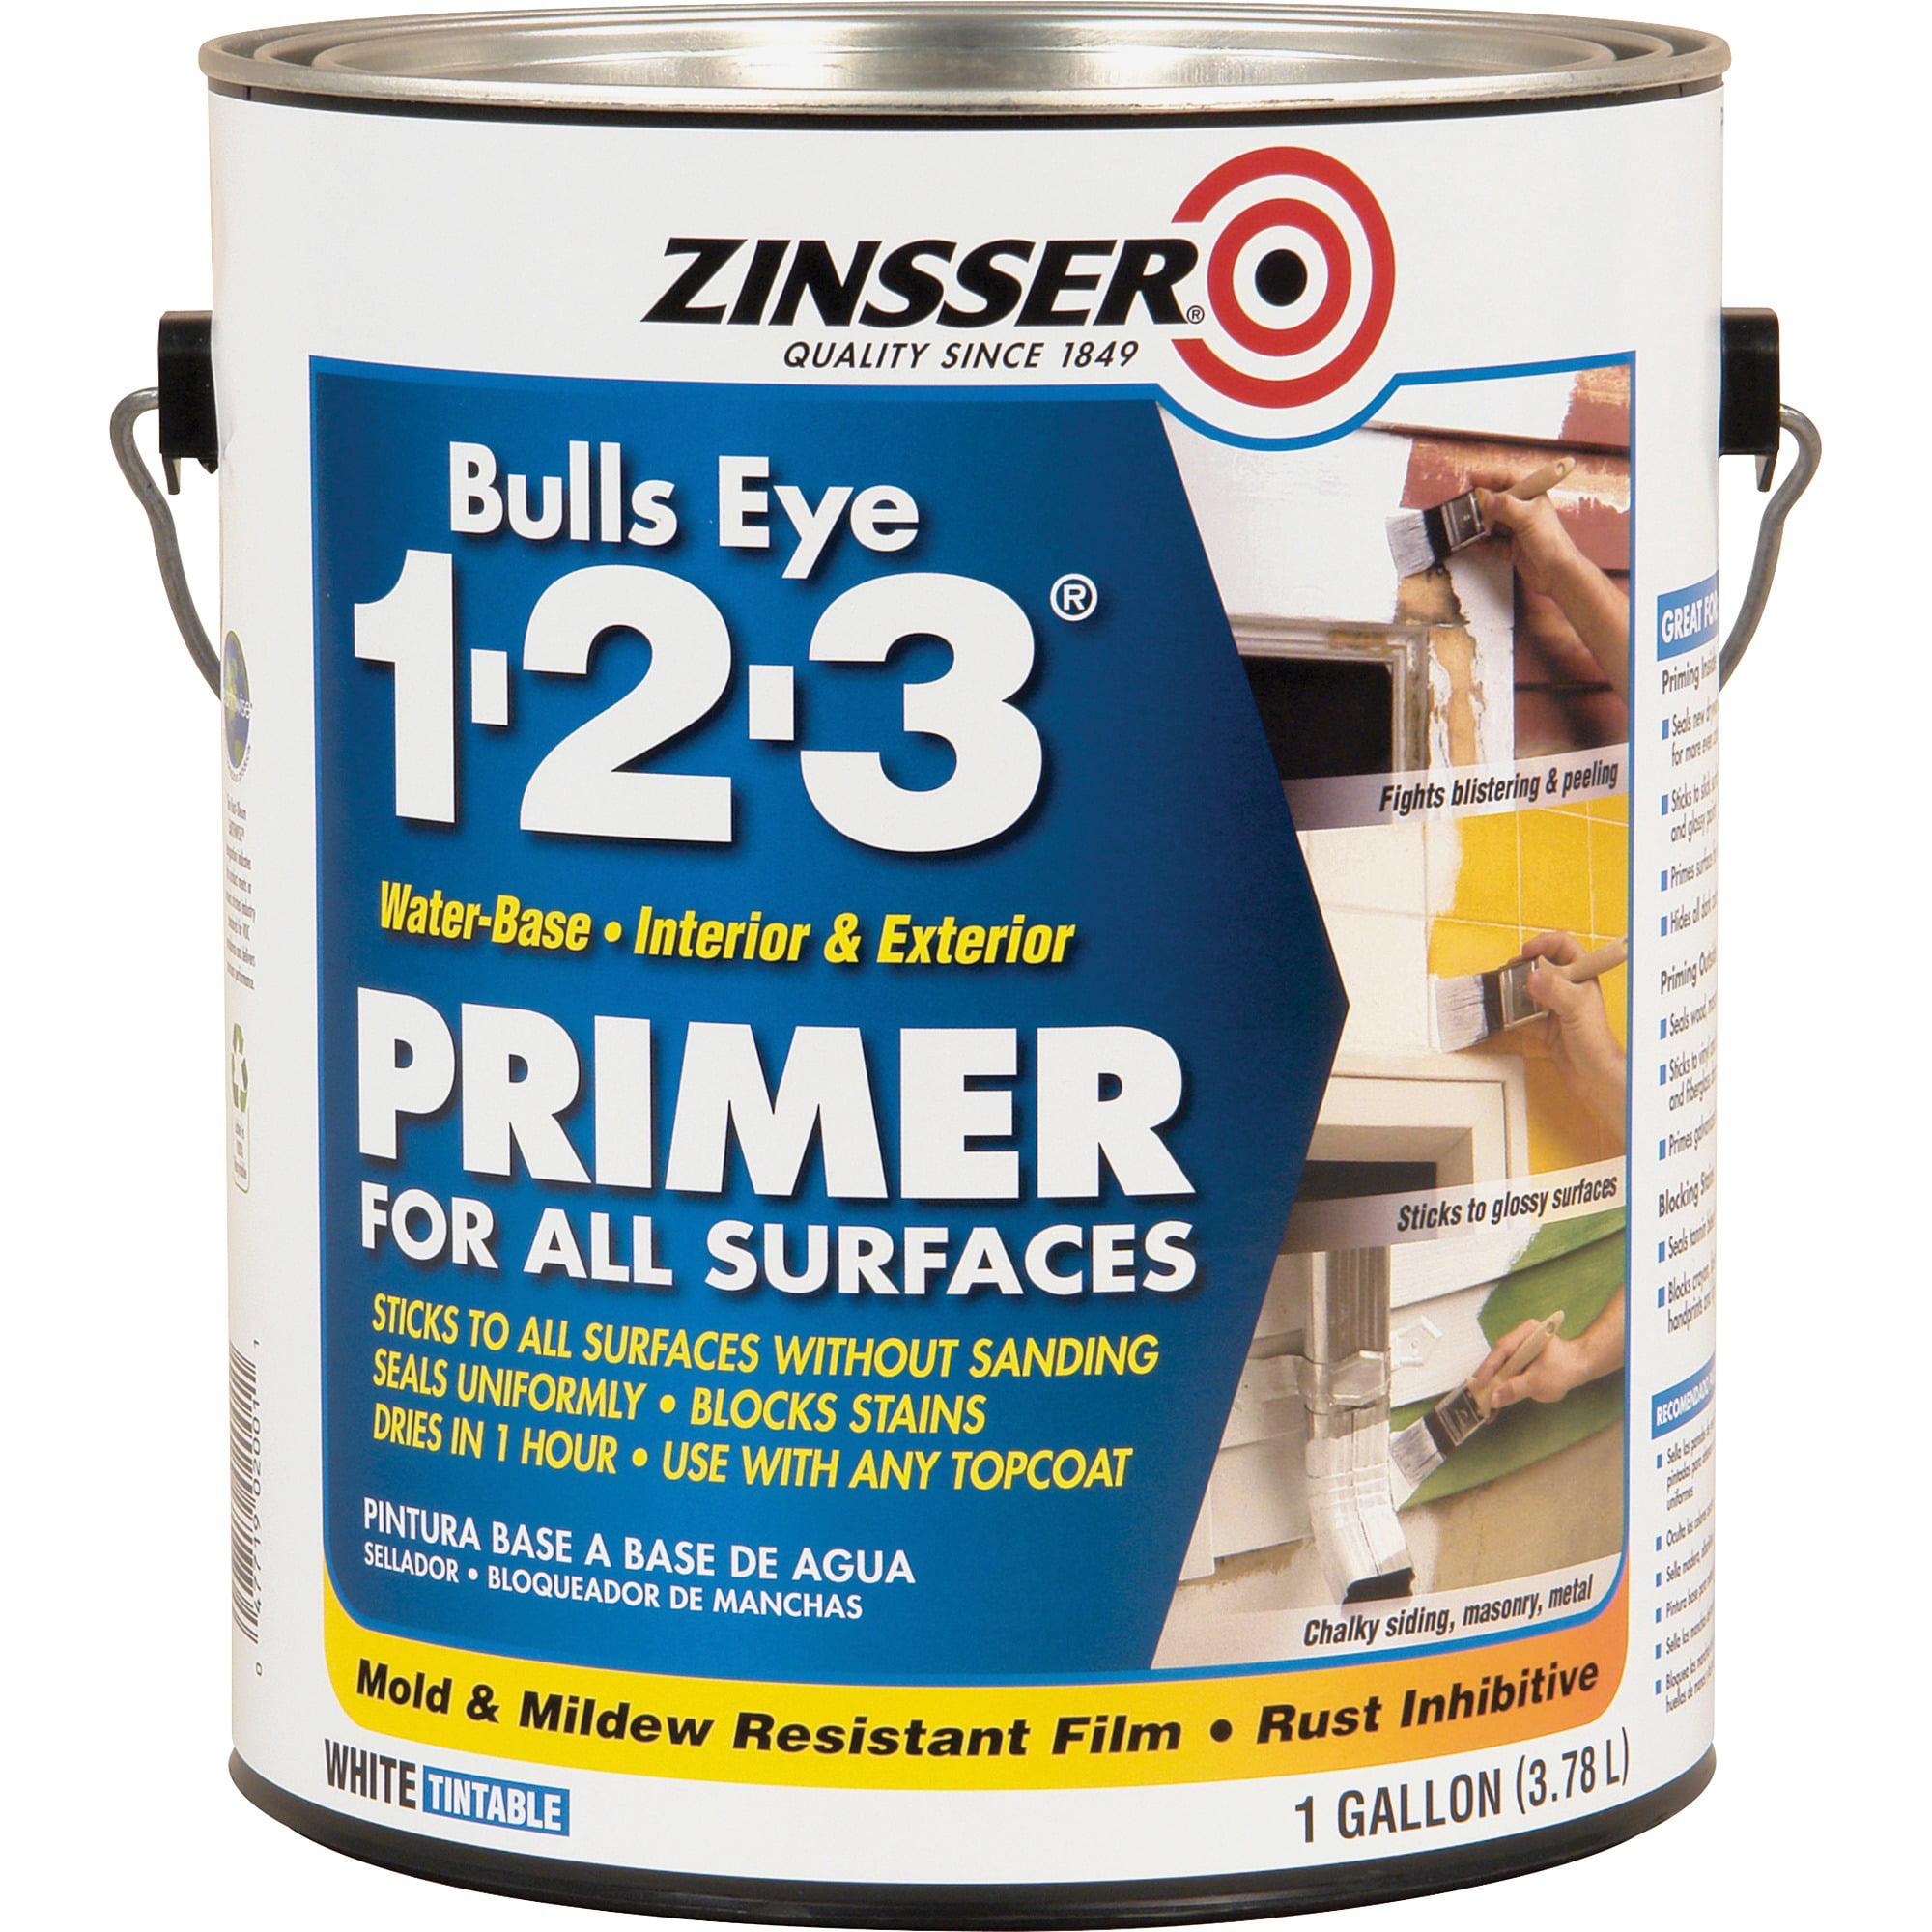 Zinsser, RST2001, Bulls Eye 1-2-3 Primer, 1 Each